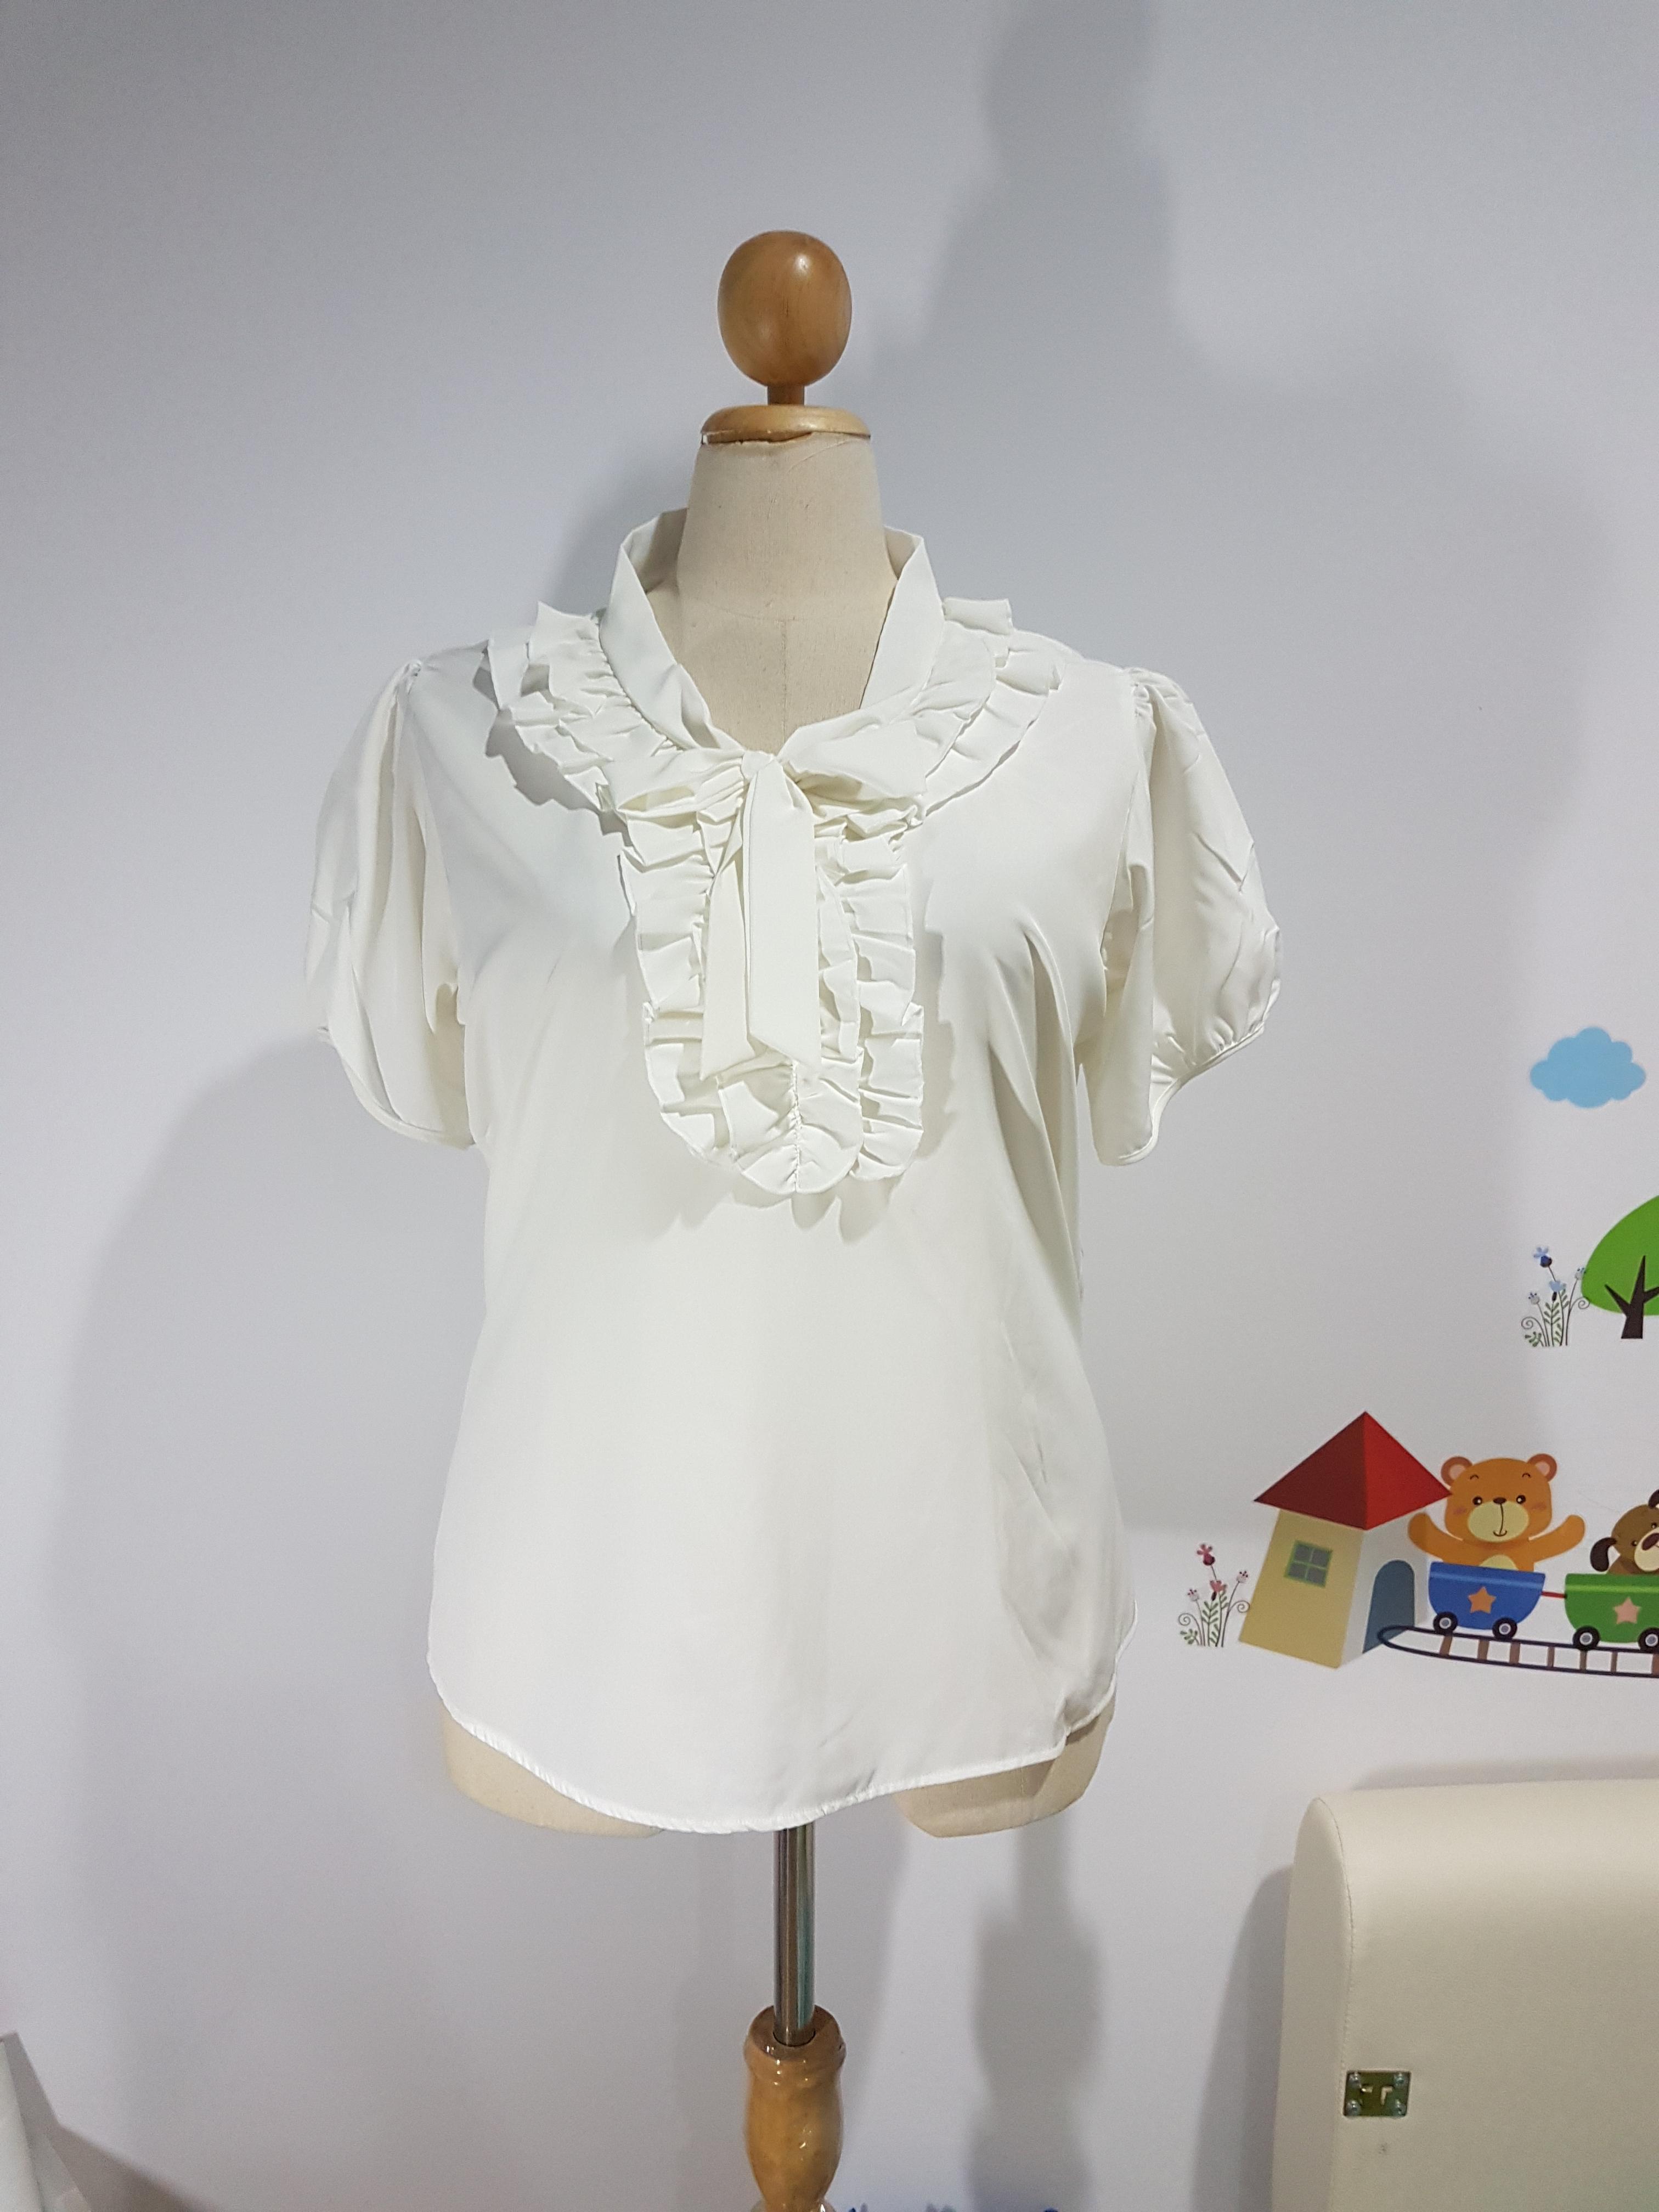 เสื้อ ผ้าไหมอิตาลี คอแหลม ผูกโบว์ สีขาว ไซส์ XXL อก 50 นิ้ว